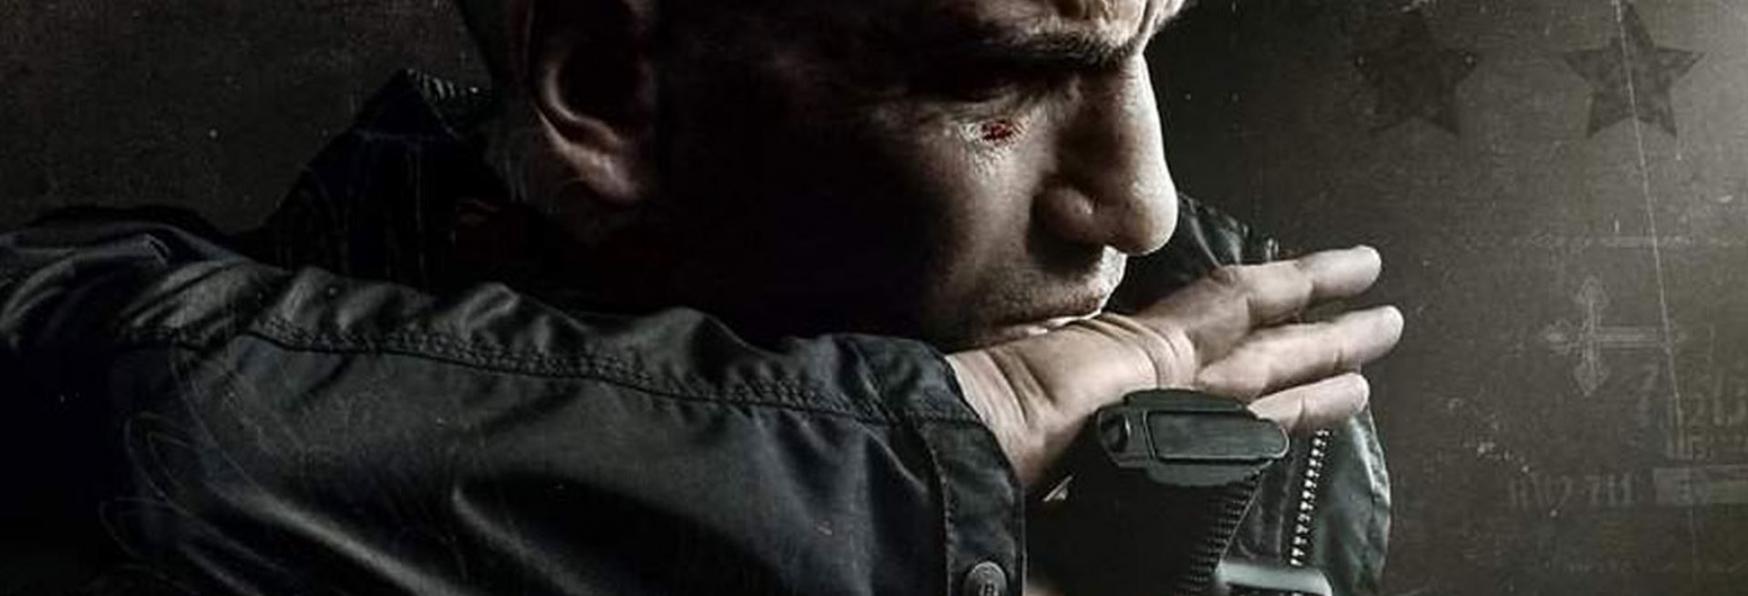 The Punisher 3: Potrebbe esserci una nuova Stagione? Le parole di Jon Bernthal